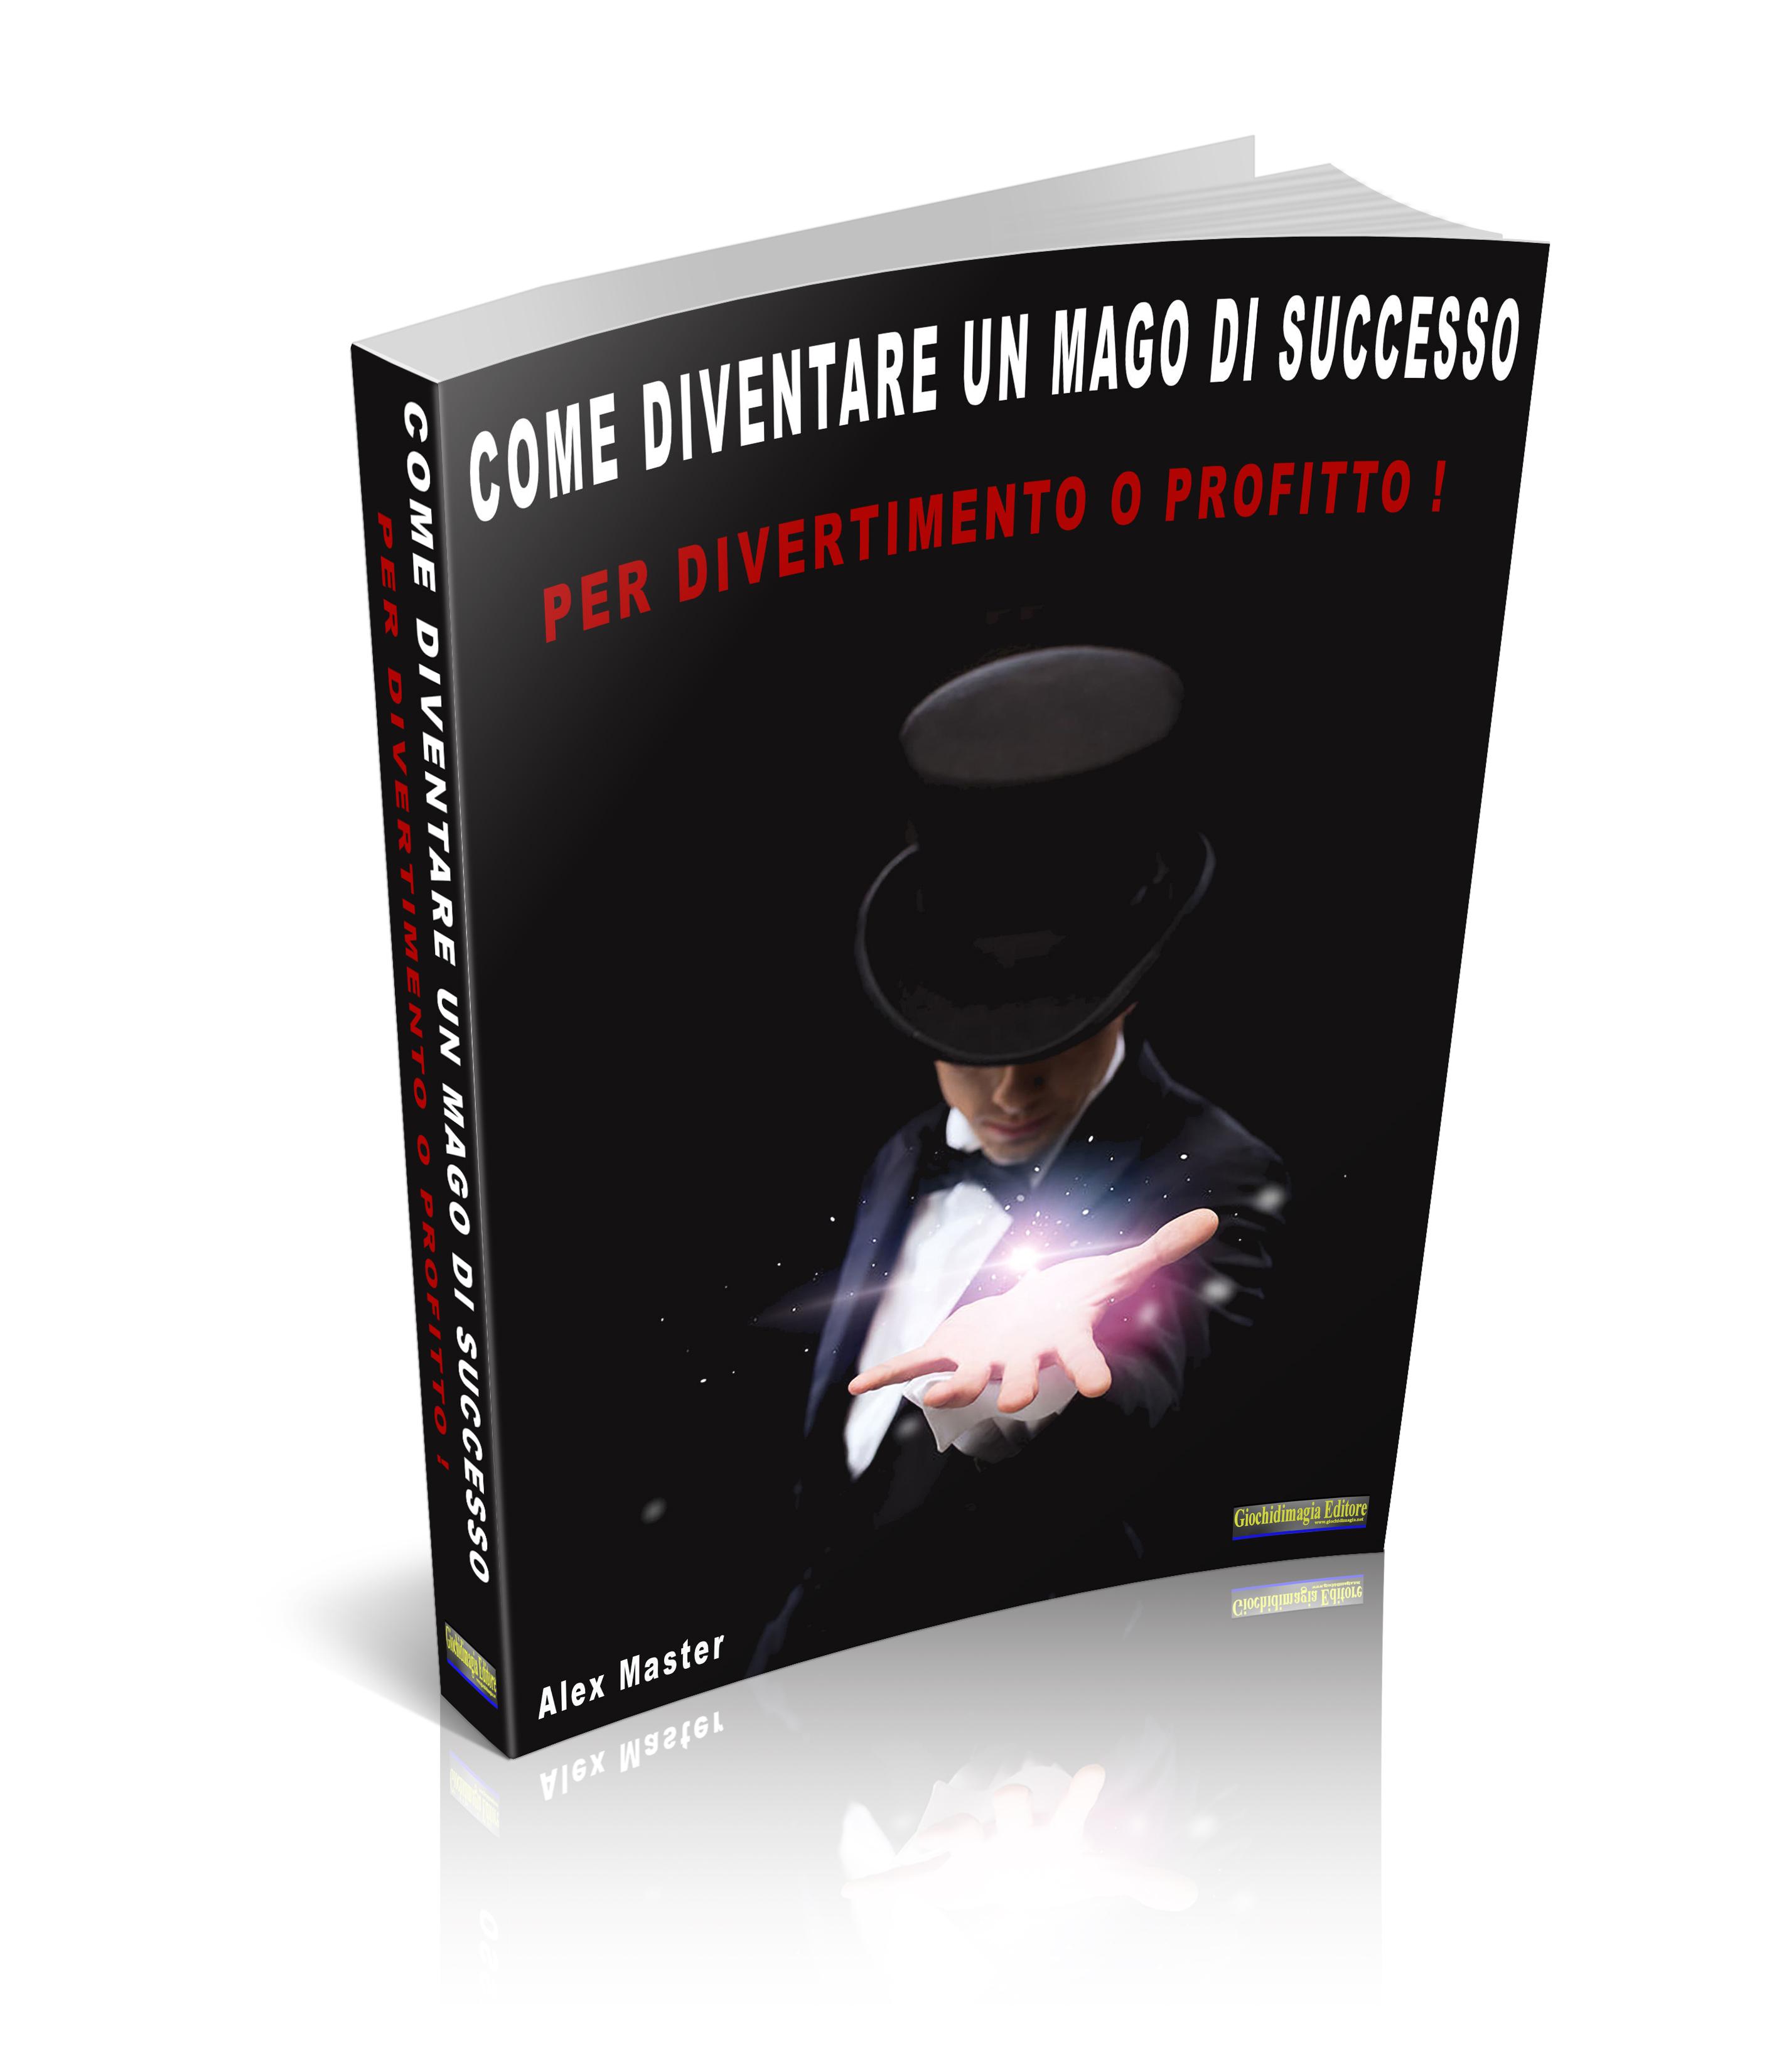 Come diventare un Mago di Successo